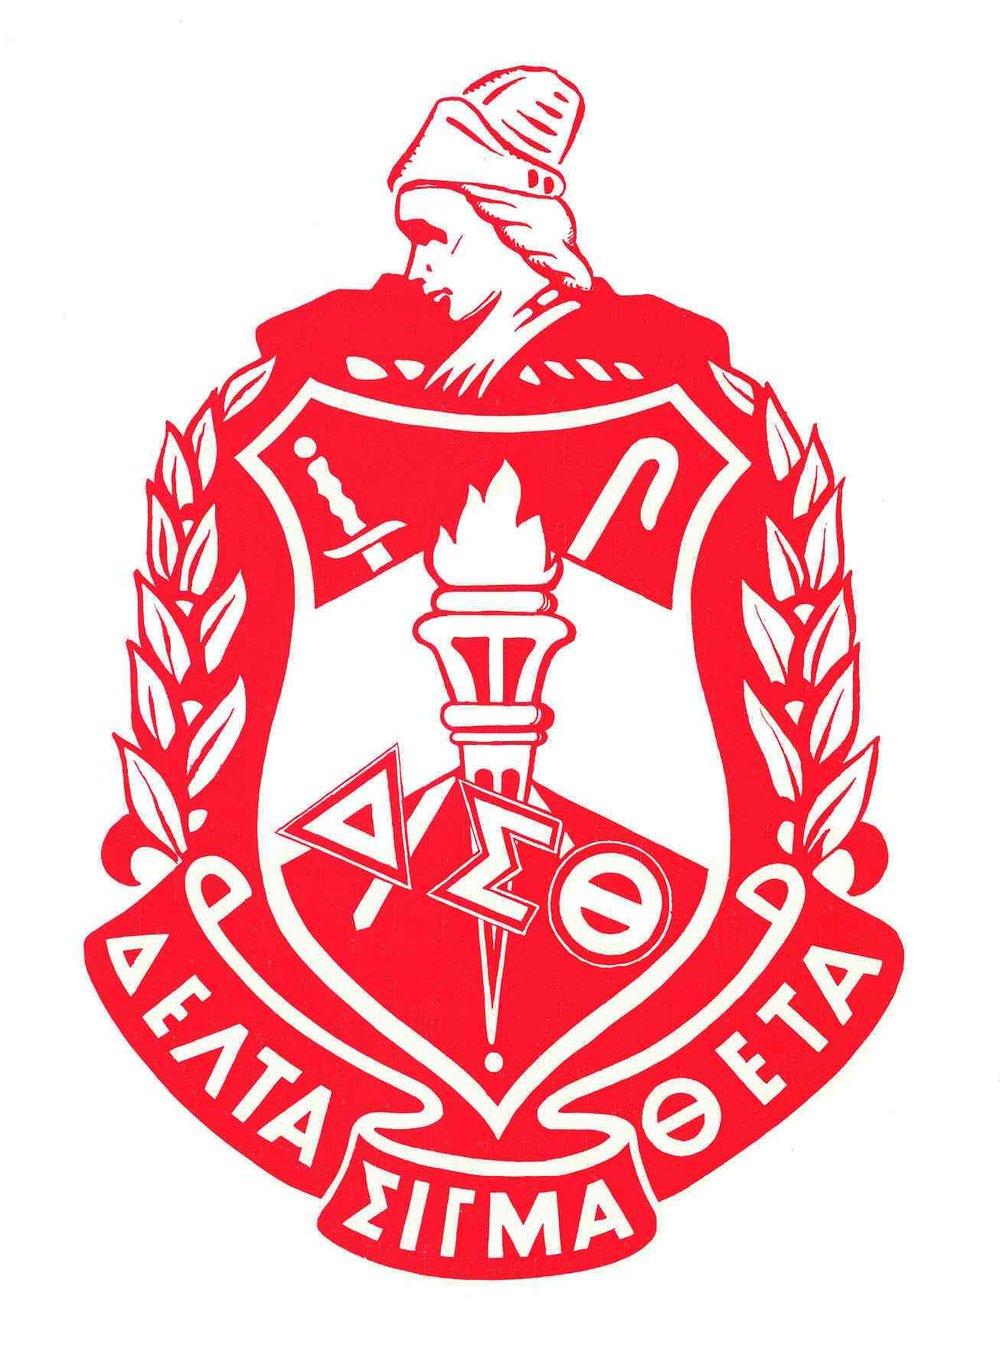 Delta-Crest.jpg